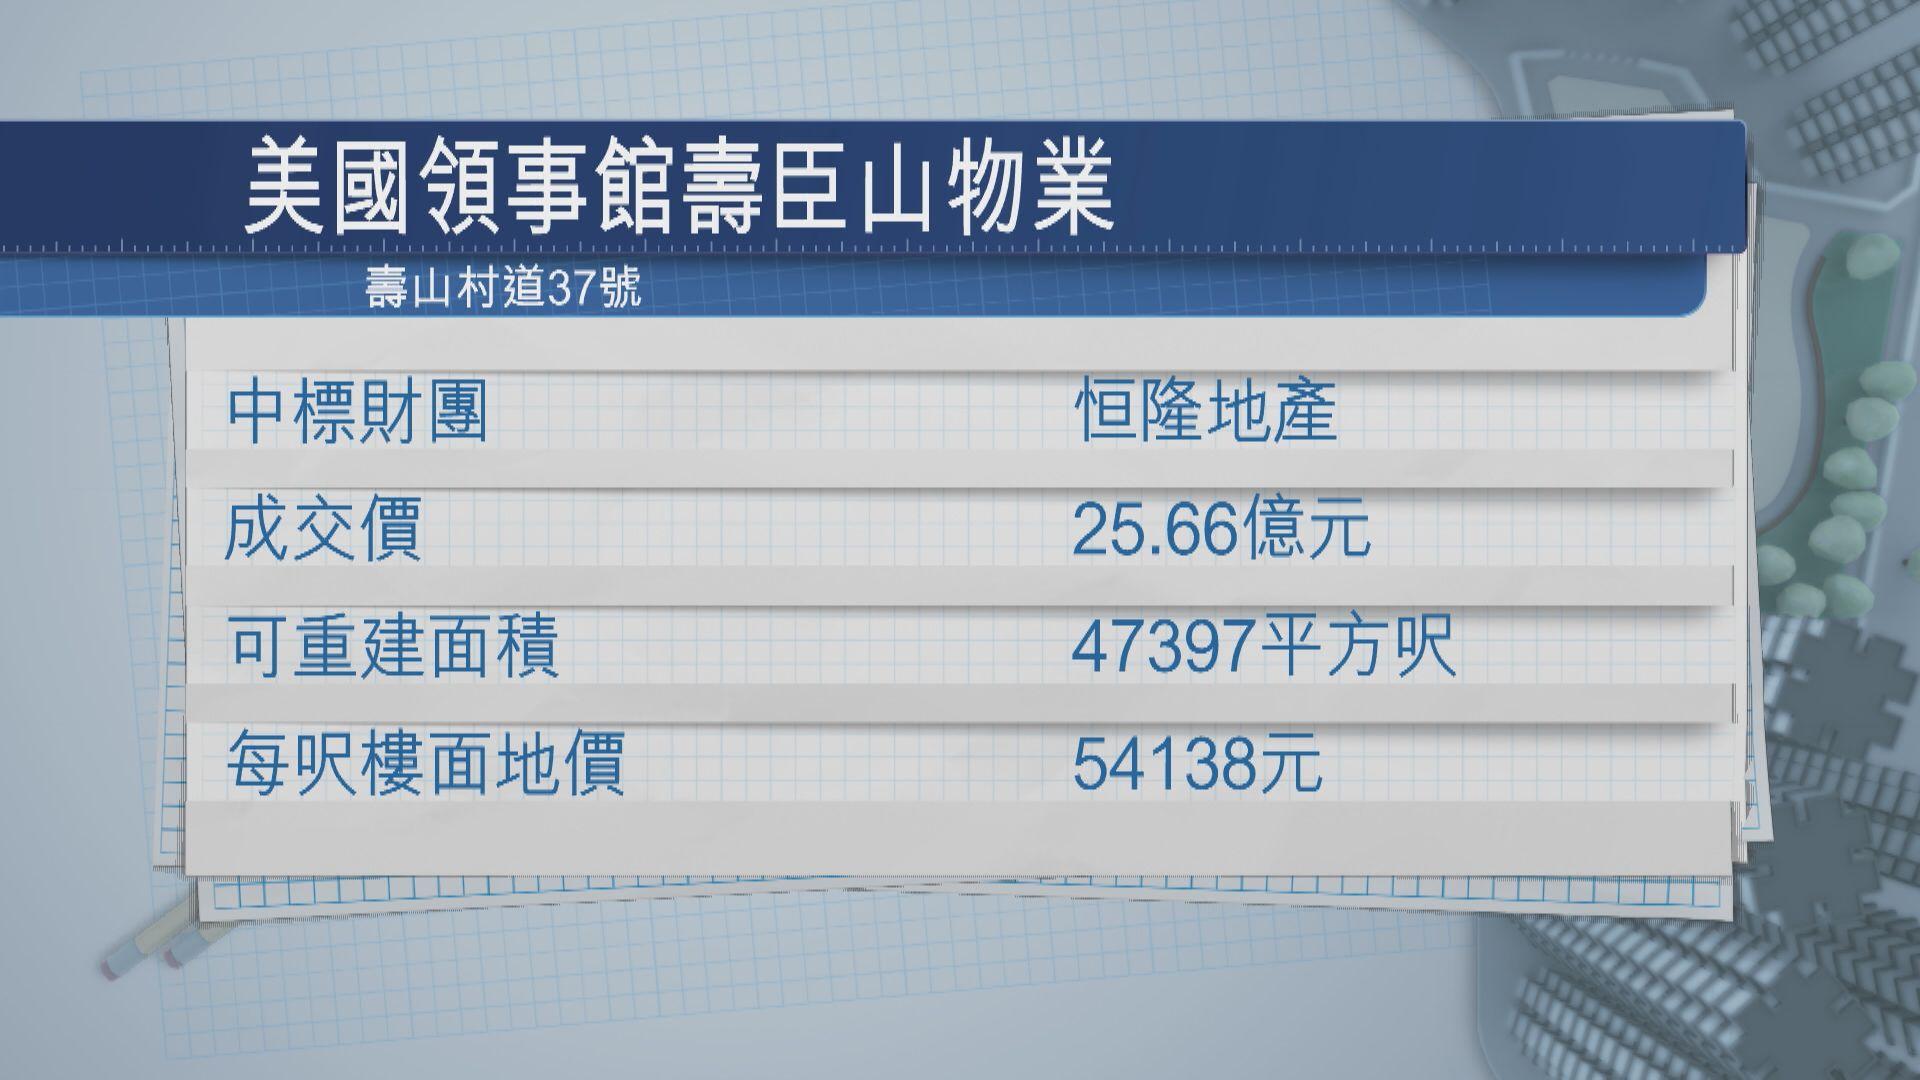 恒隆奪美領事壽臣山物業 斥40億重建